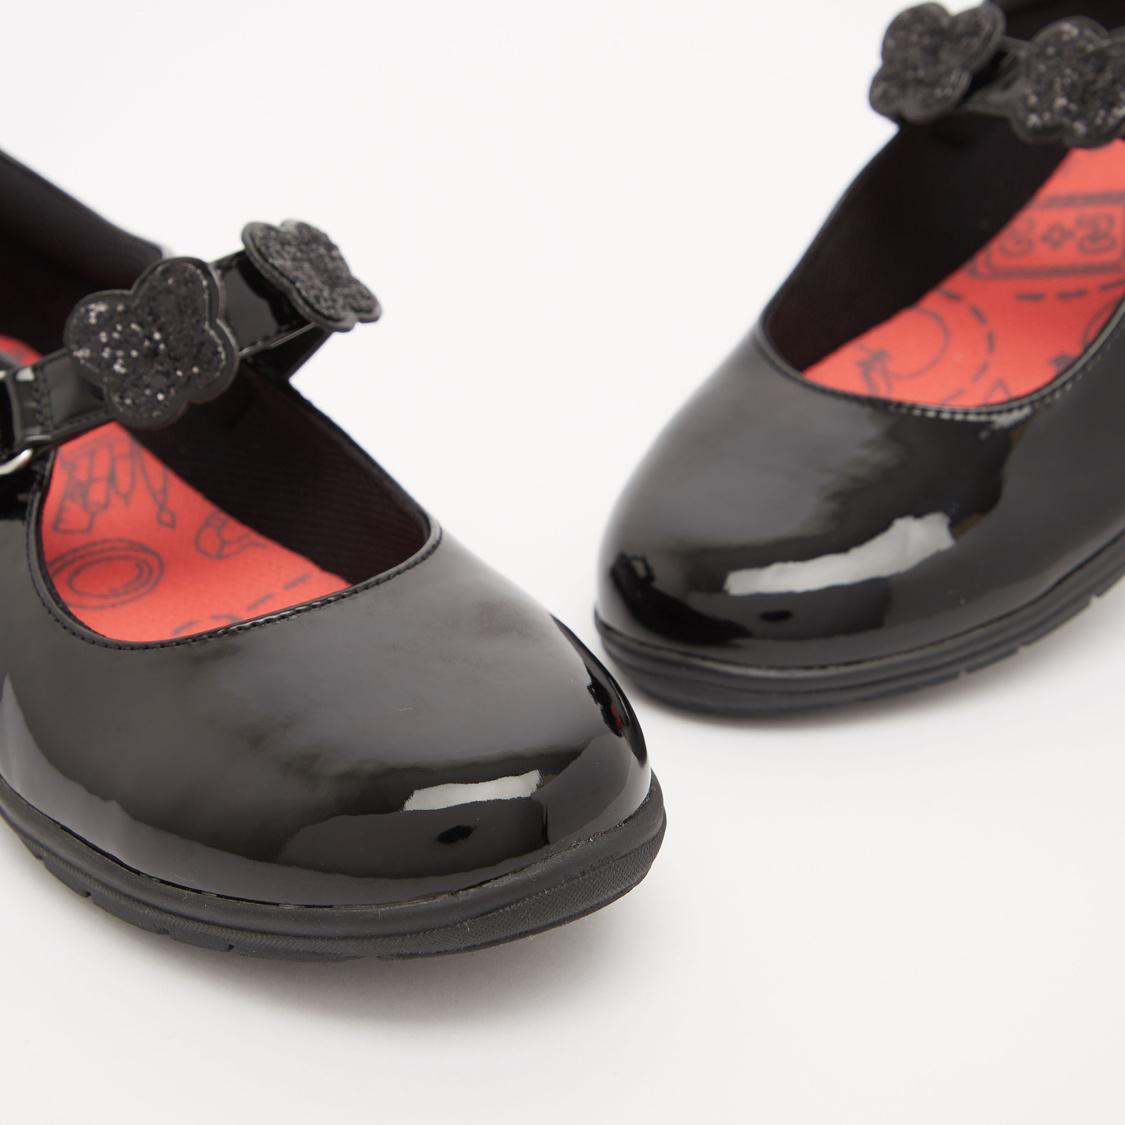 حذاء ماري جين بارز الملمس بخطّاف وحلقة إغلاق